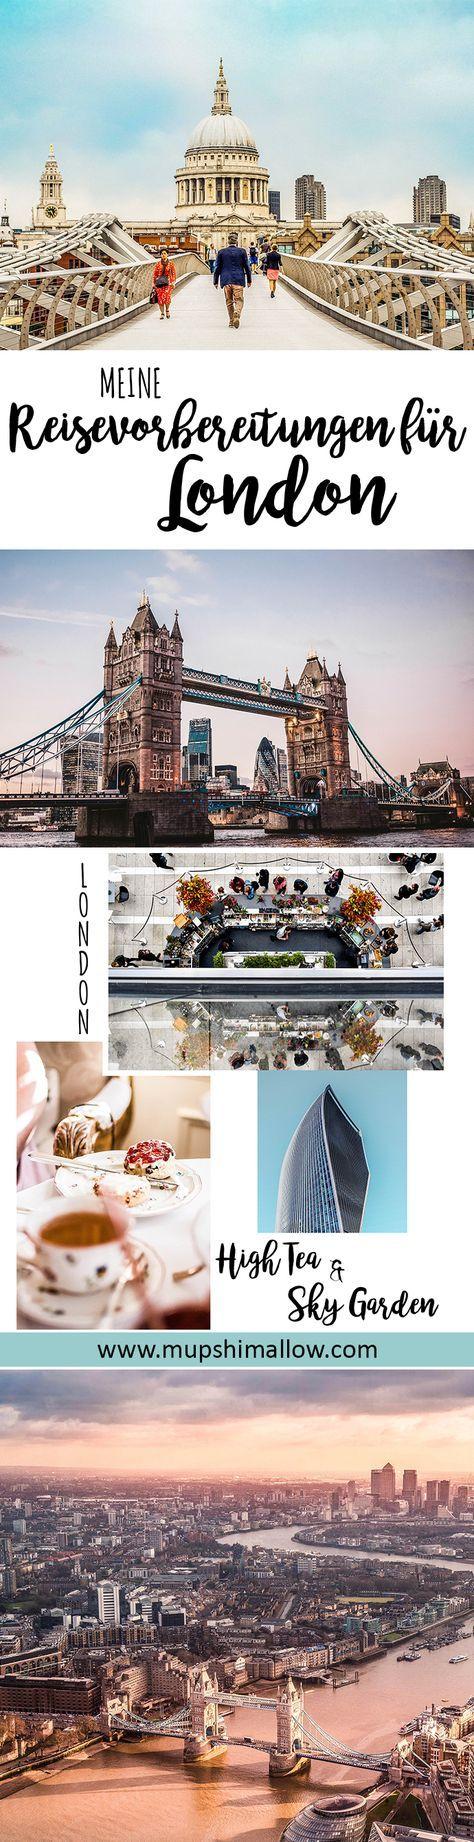 Es ist soweit: Meine Reisevorbereitungen für London